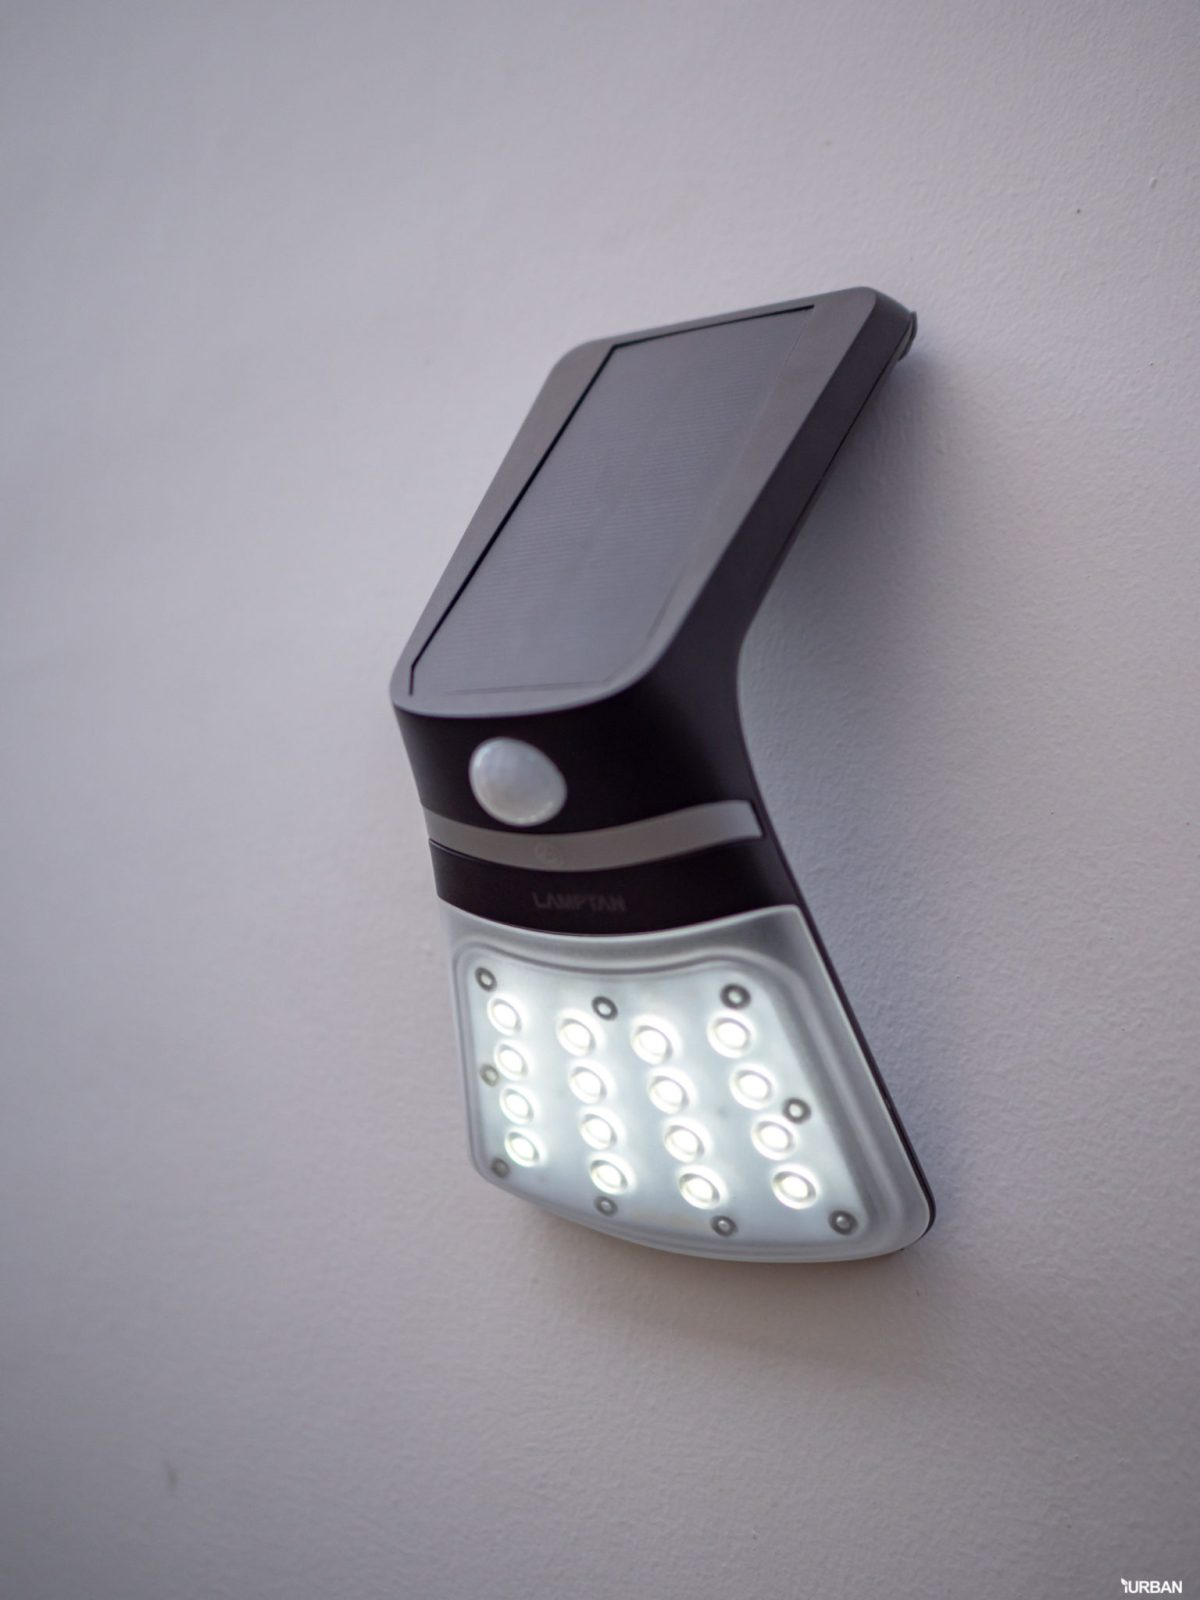 รีวิว 3 โคมไฟพลังงานแสงอาทิตย์ LAMPTAN LED SOLAR SMART SENSOR พร้อมฟังก์ชันใหม่ 2020 32 - cover